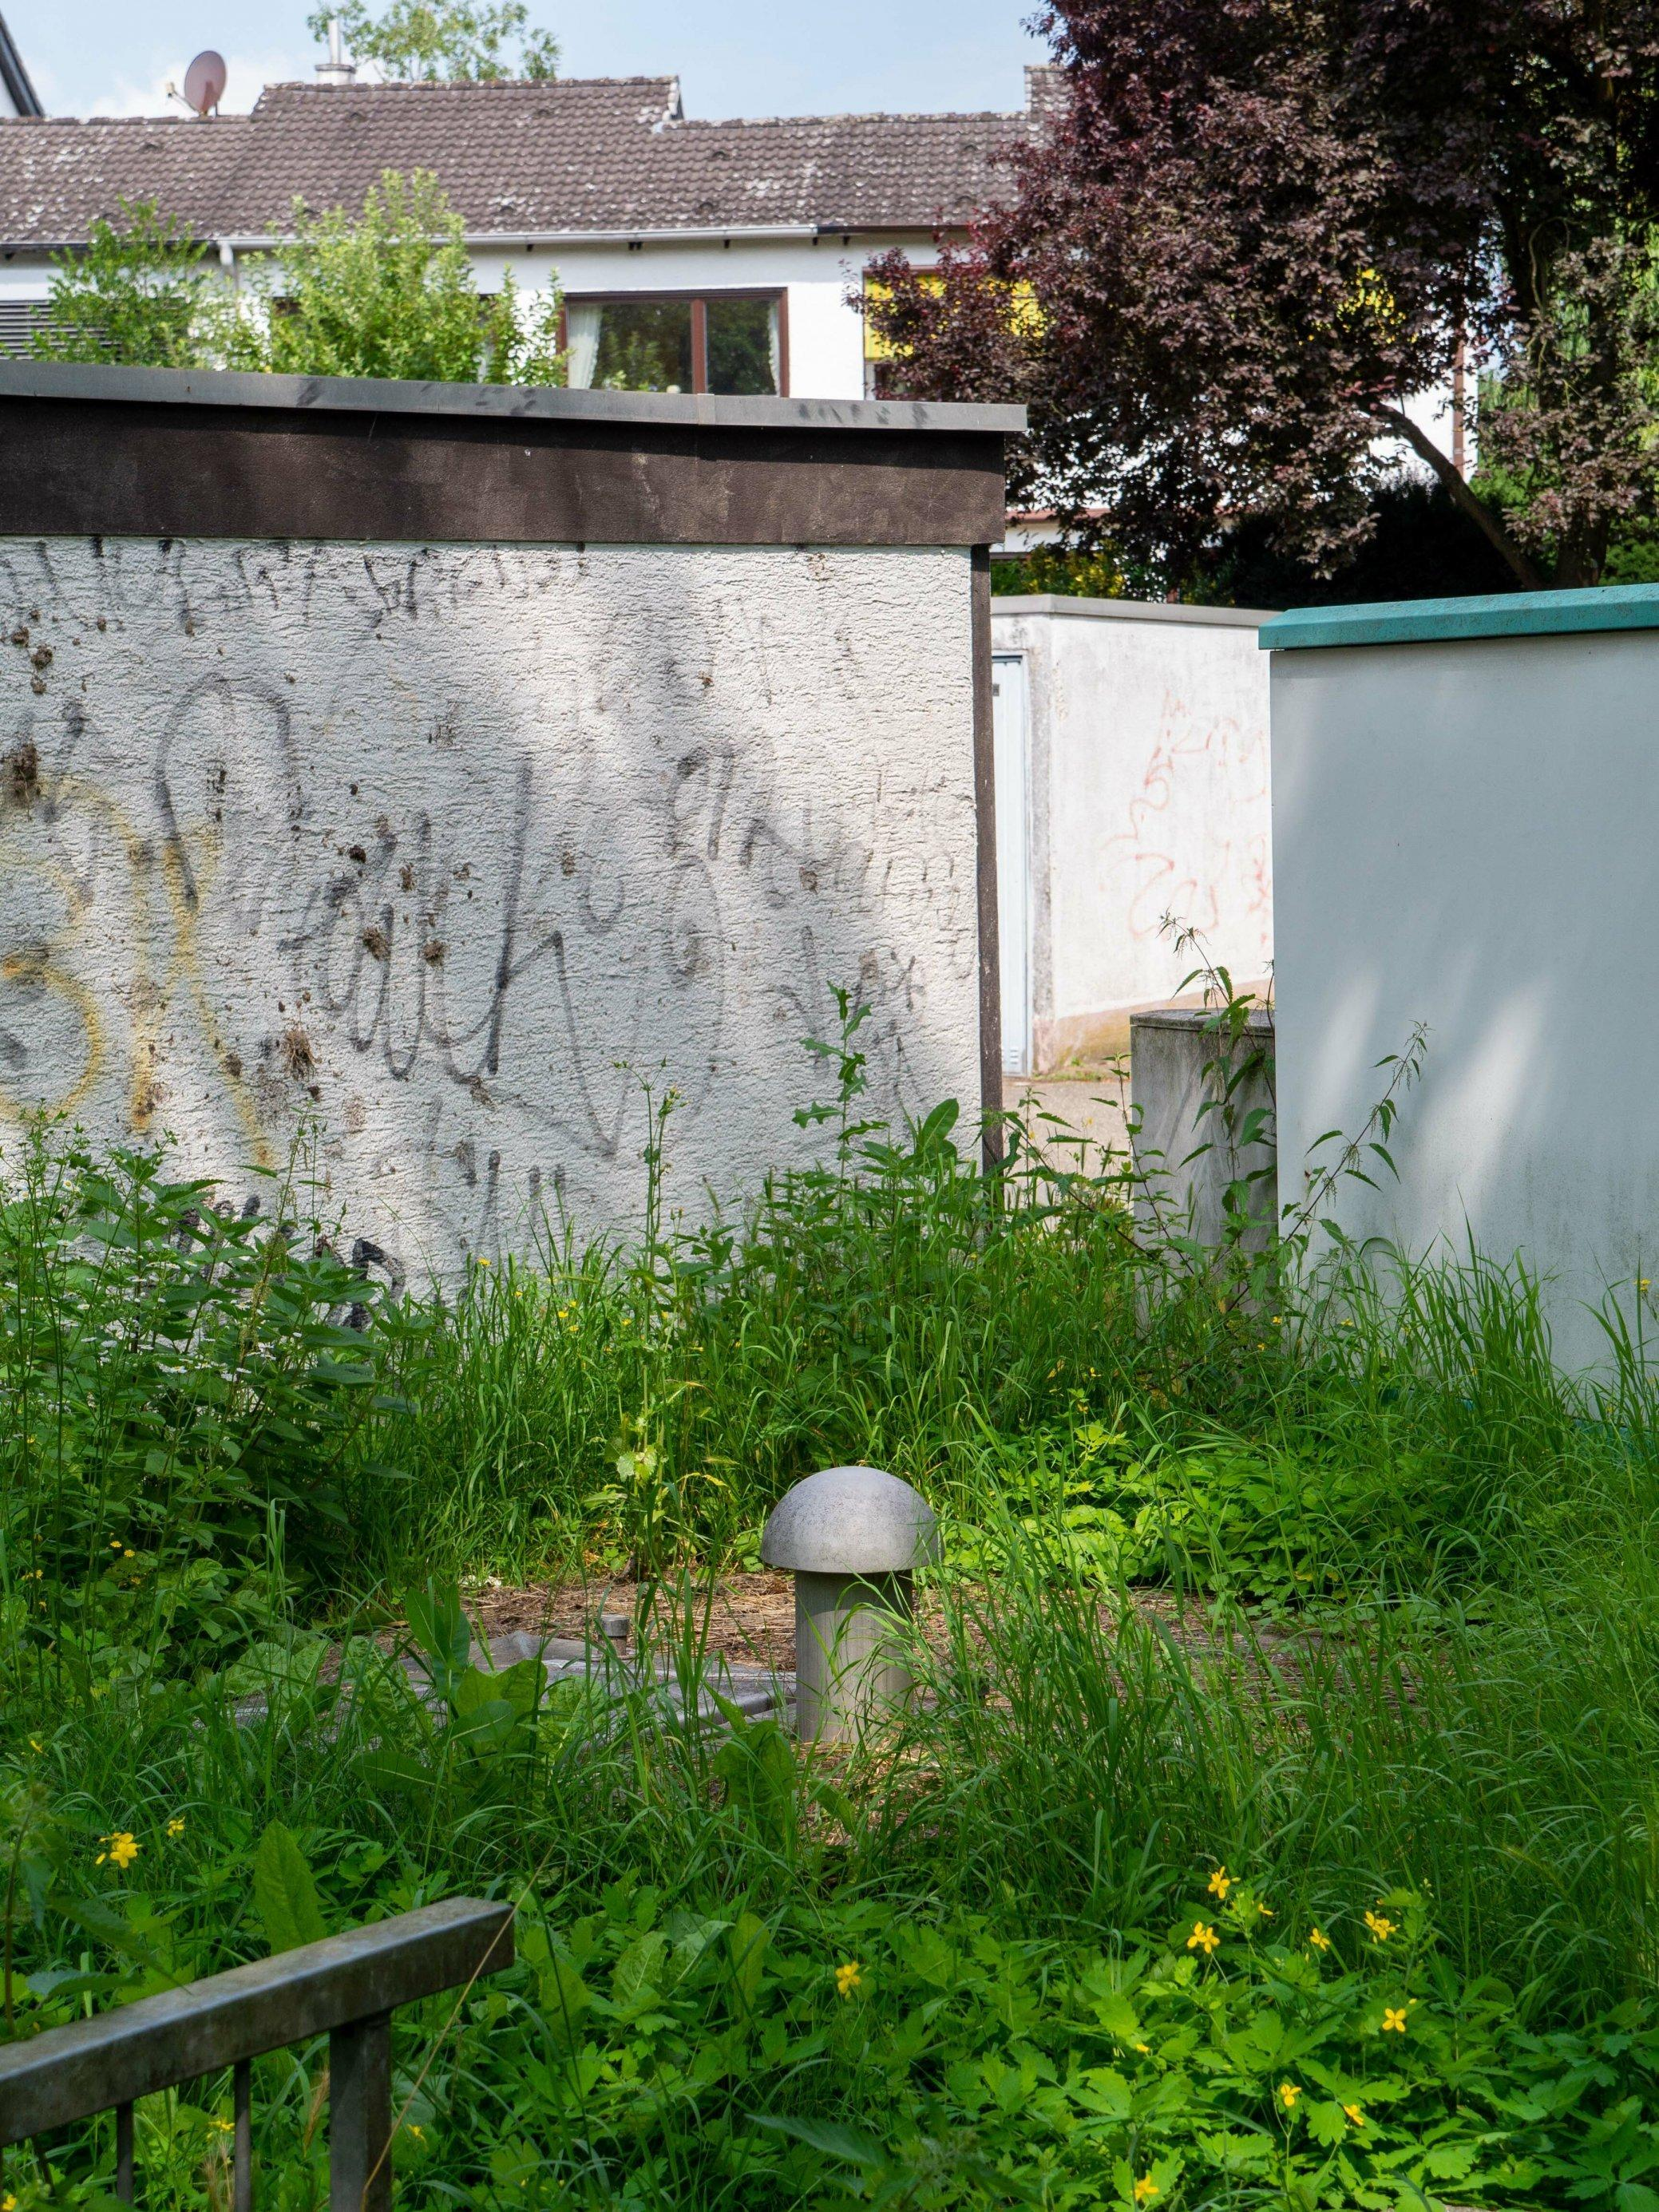 Am pilzförmigen Belüftungsstutzen ist einer der Brunnen hinter Garagenwänden zu erkennen, im Hintergrund Wohnhäuser